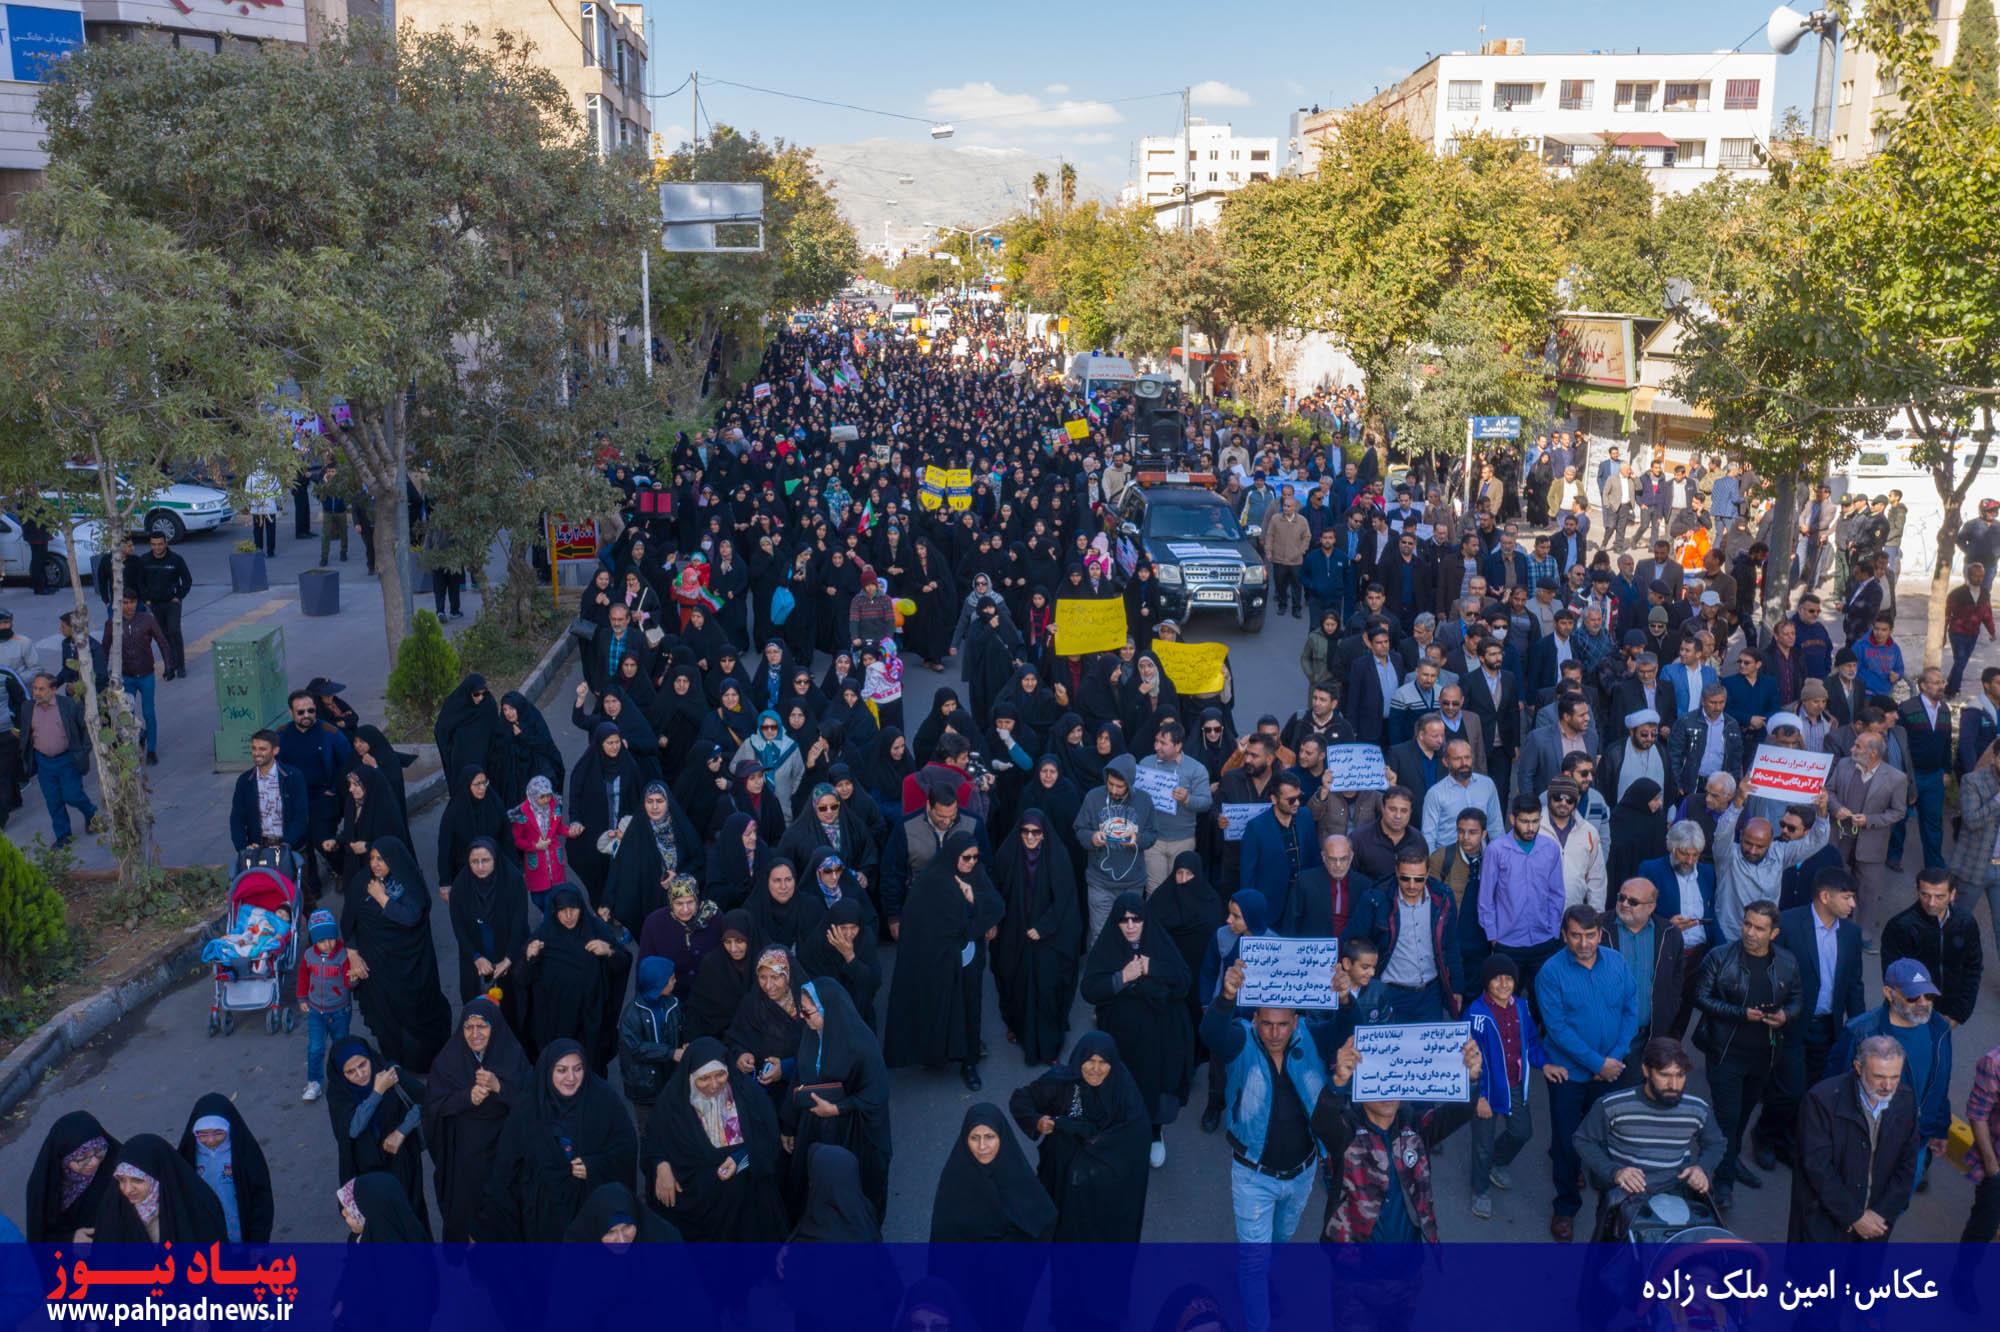 تصاویر هوایی، راهپیمایی 30 آبان در شیراز